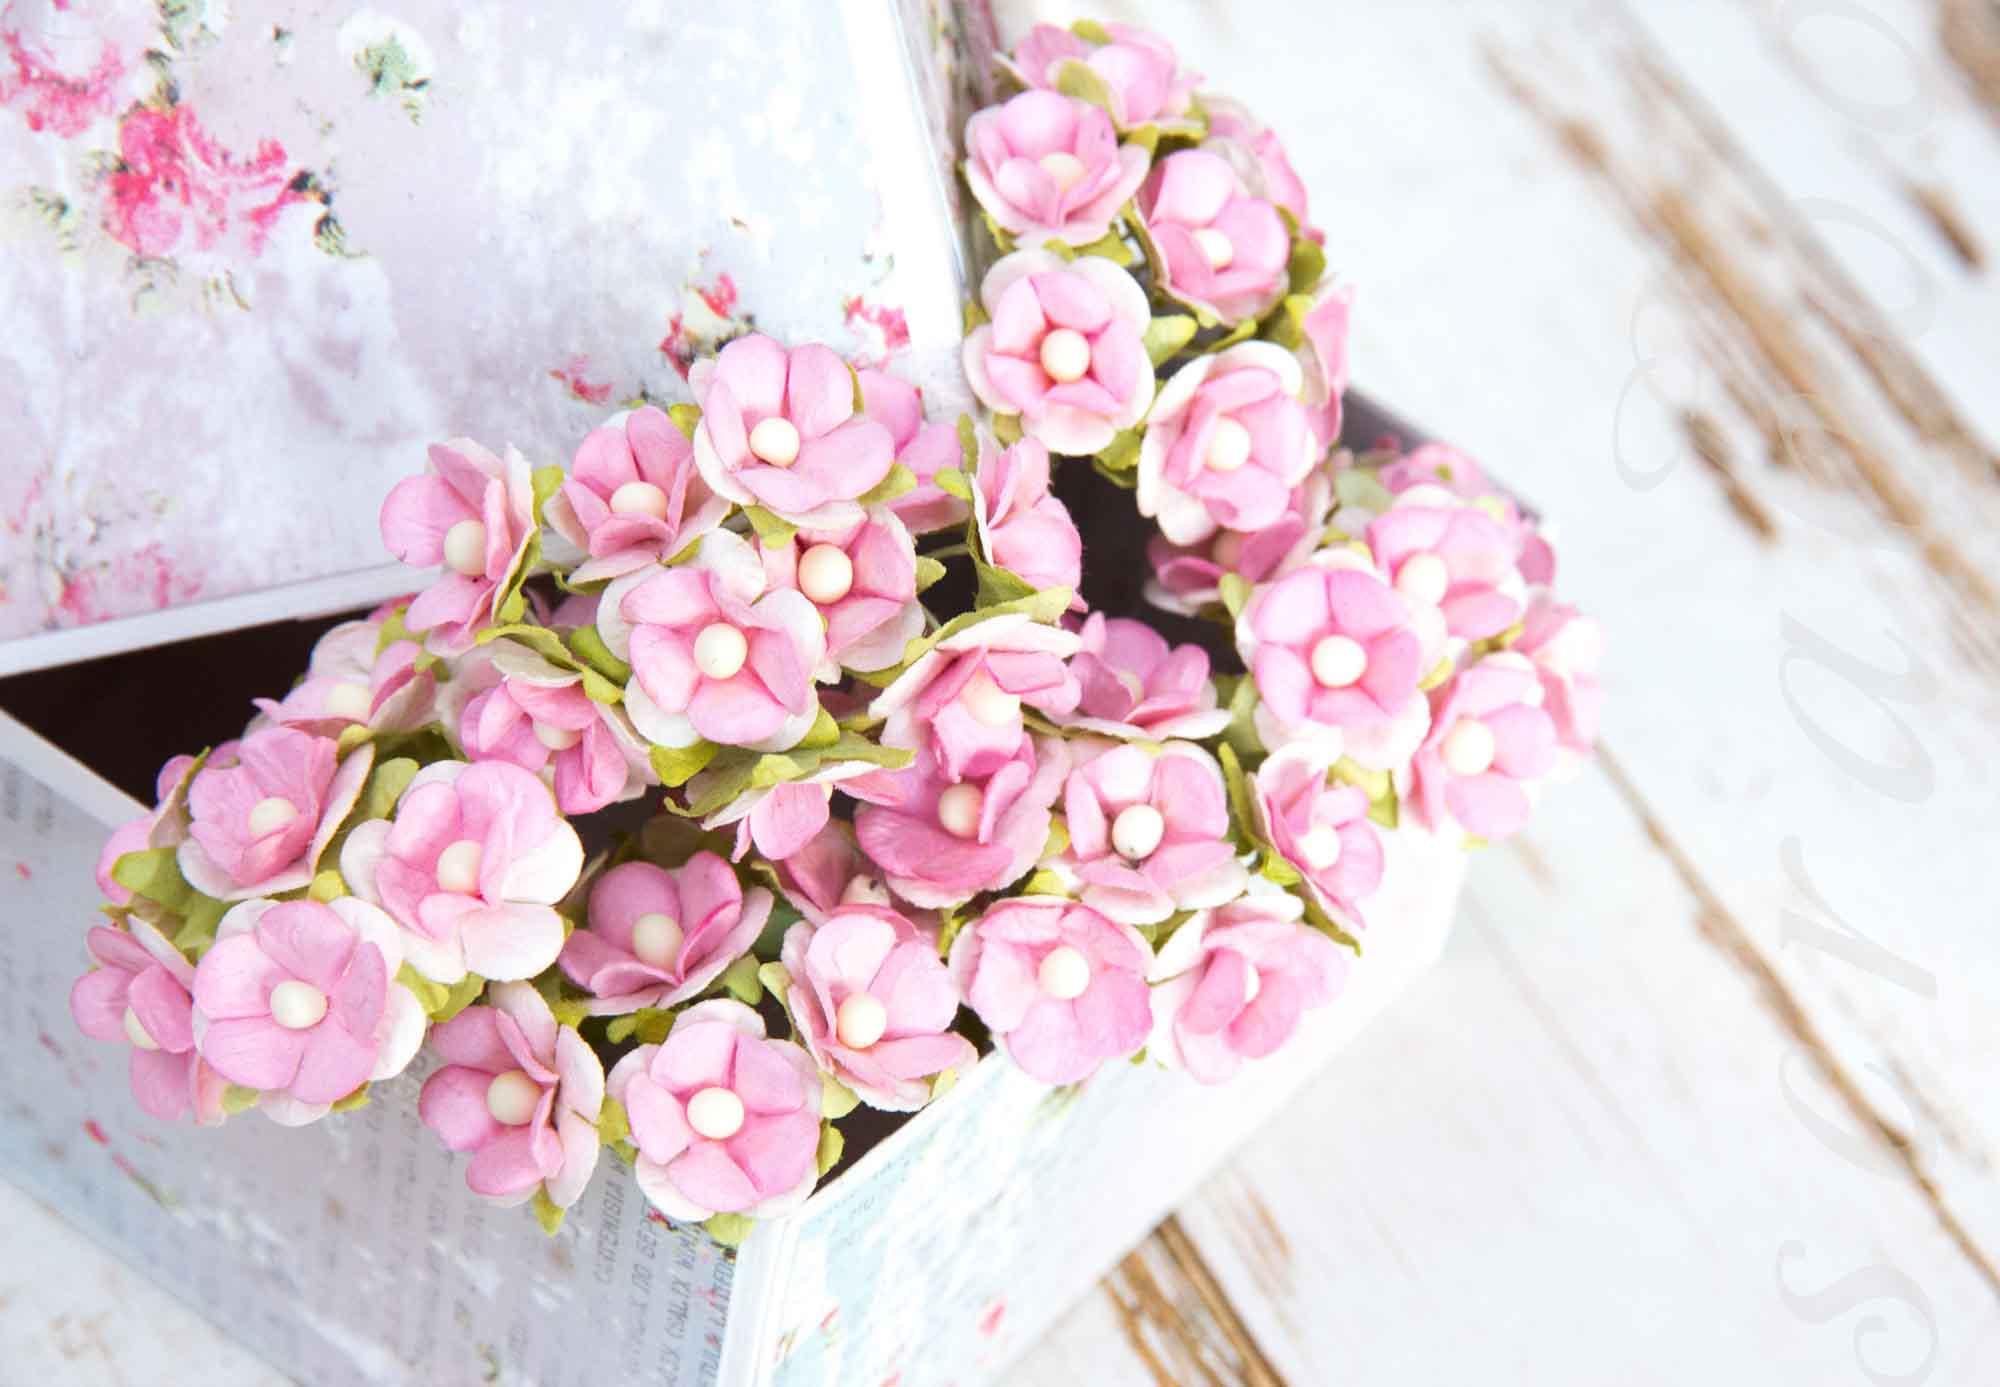 Τα λουλούδια χαρτιού το κάνουν μόνοι σας